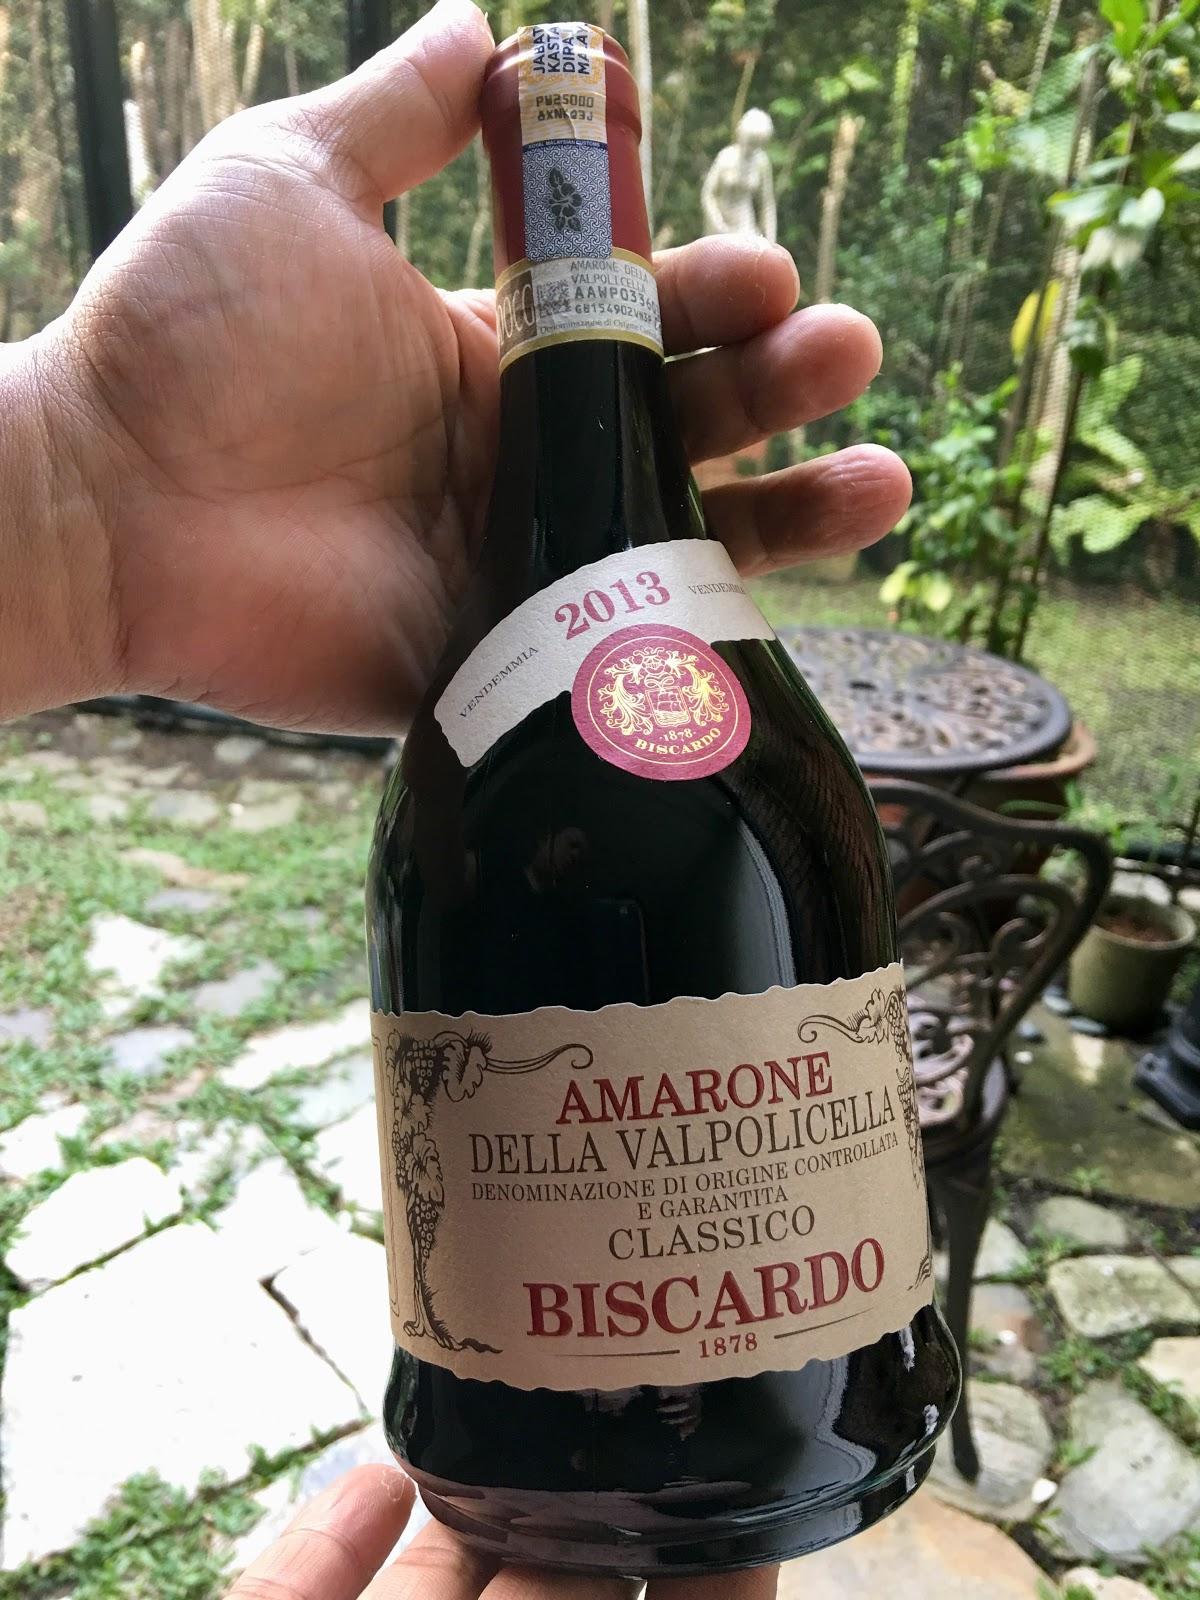 BISCARDO - AMARONE DELLA .GIARUOU.VN